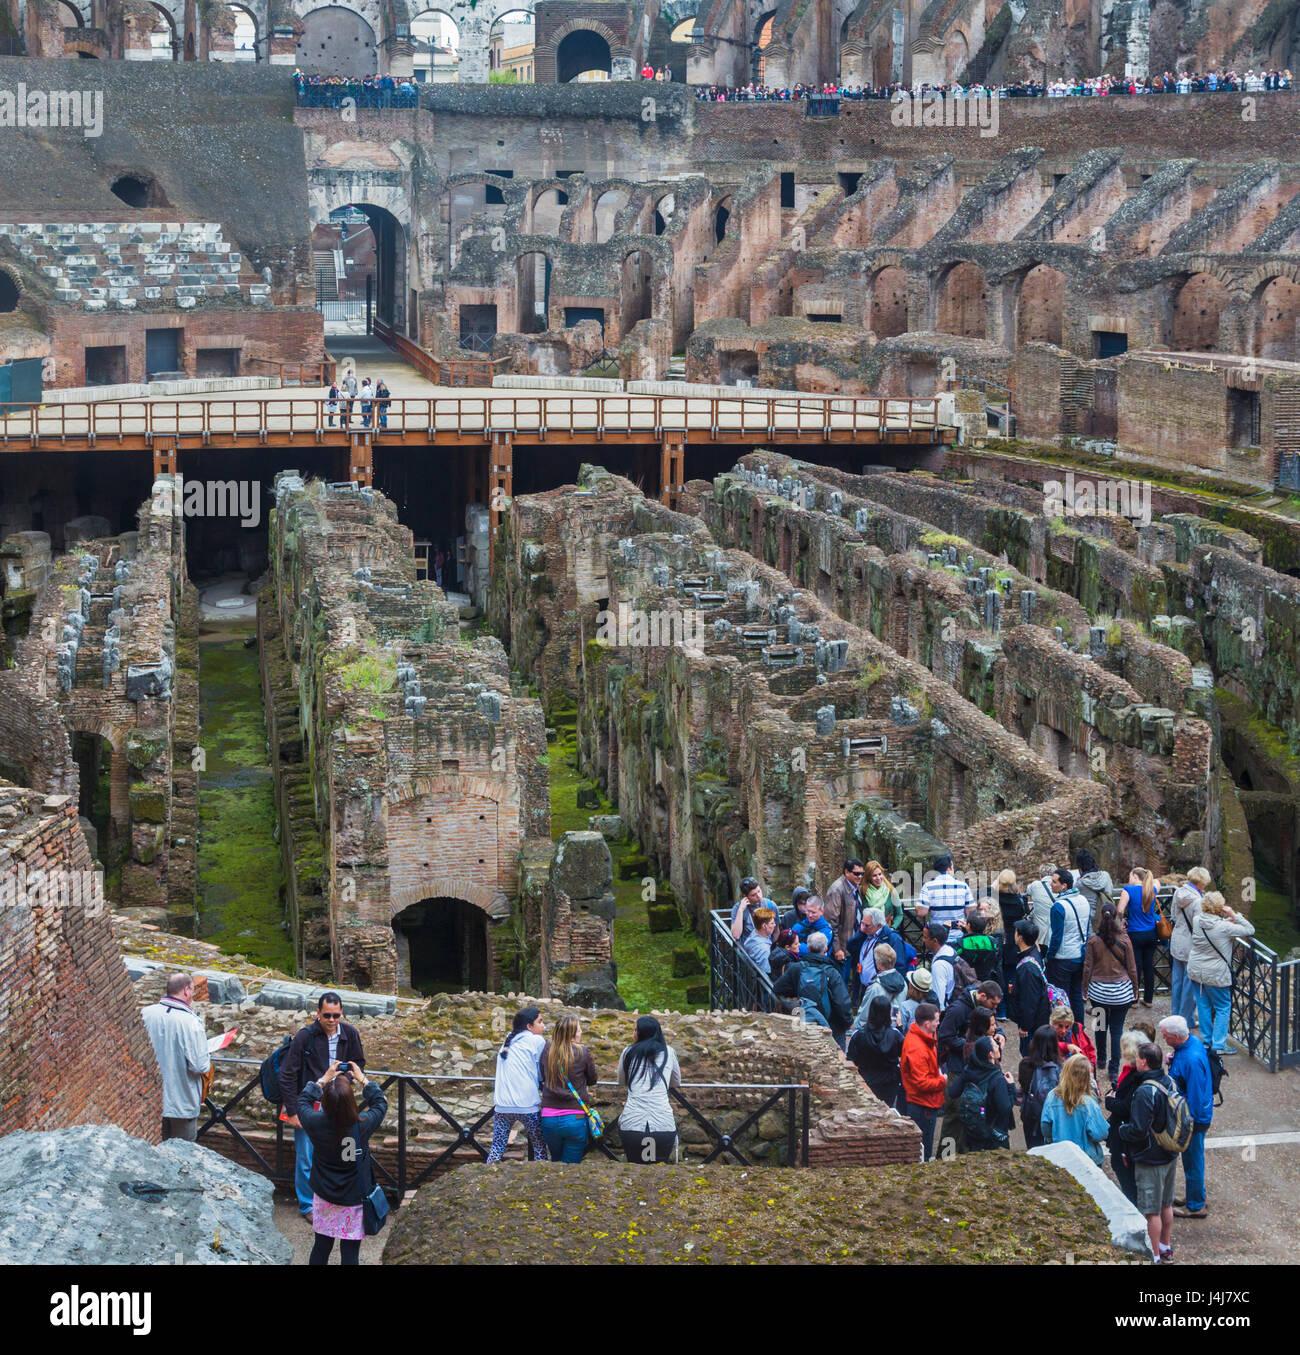 Roma, Italia. Interior del Coliseo. El centro histórico de Roma es un sitio del Patrimonio Mundial de la UNESCO. Imagen De Stock